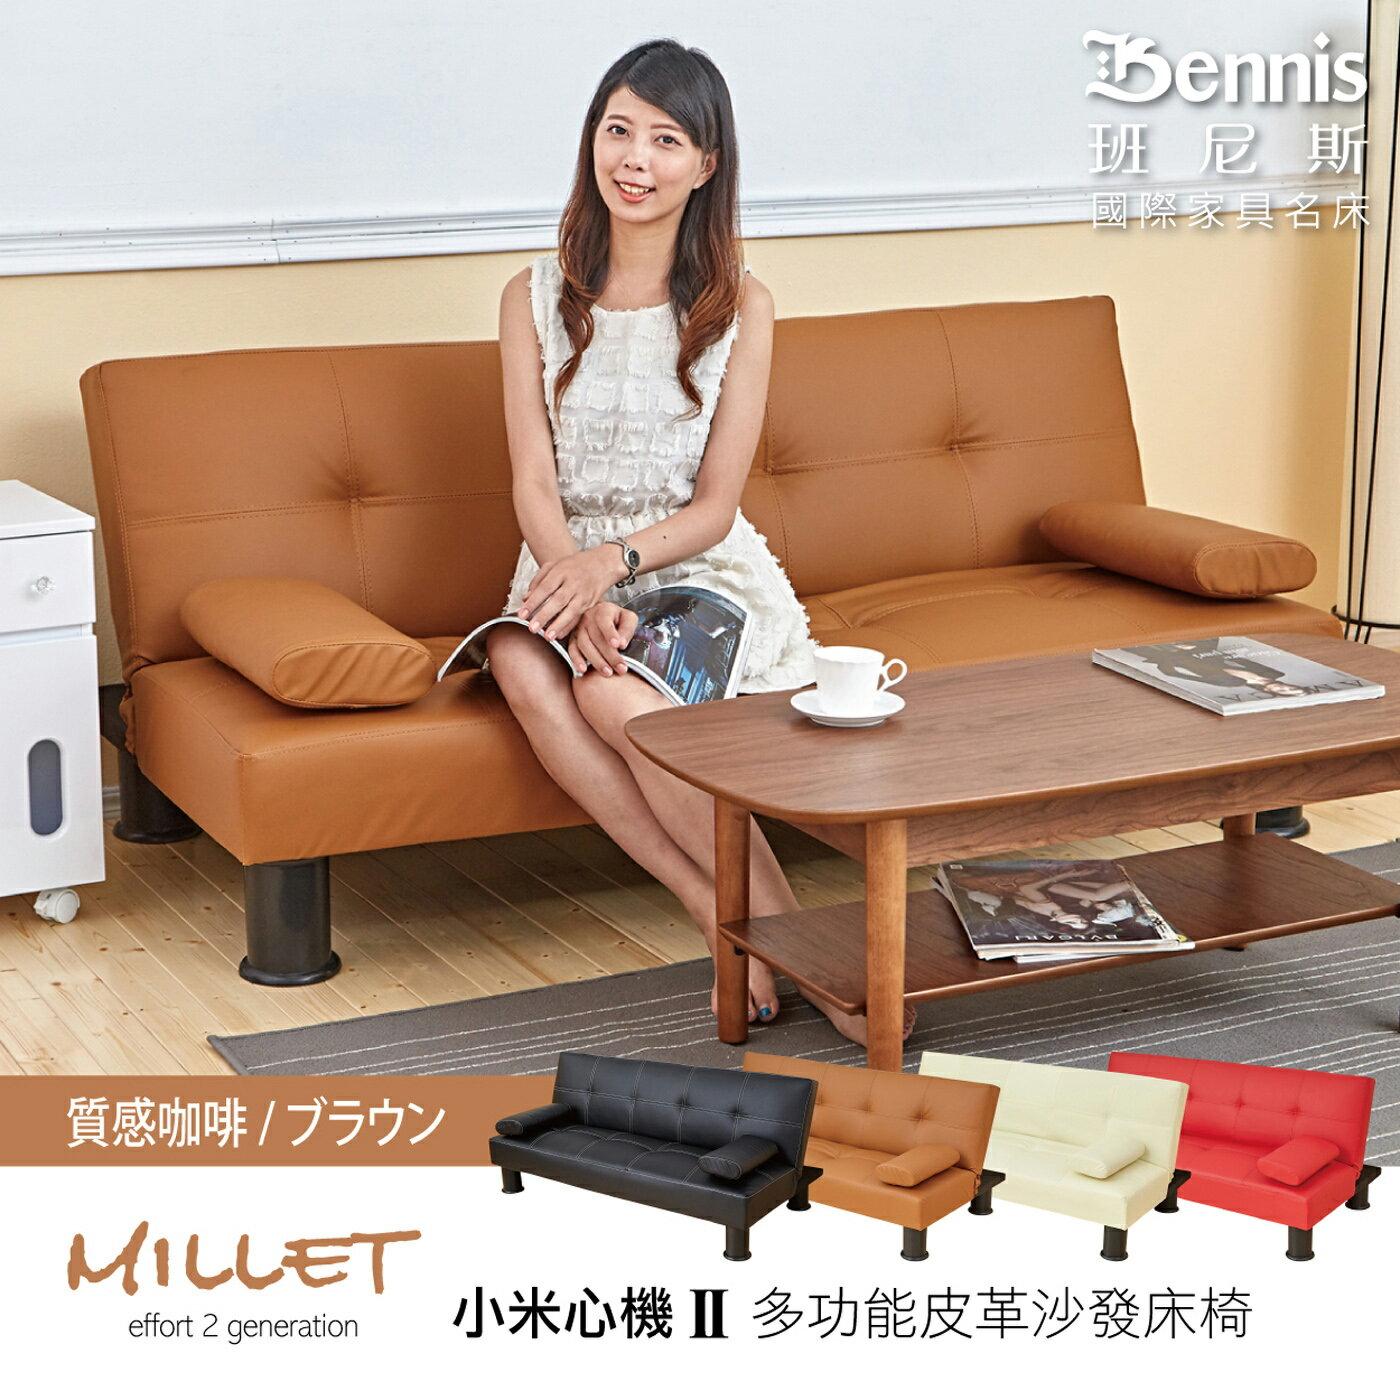 【Millet 小米心機 II代】 皮革多人座優質沙發床(升級加贈兩個抱枕) ★班尼斯國際家具名床 2